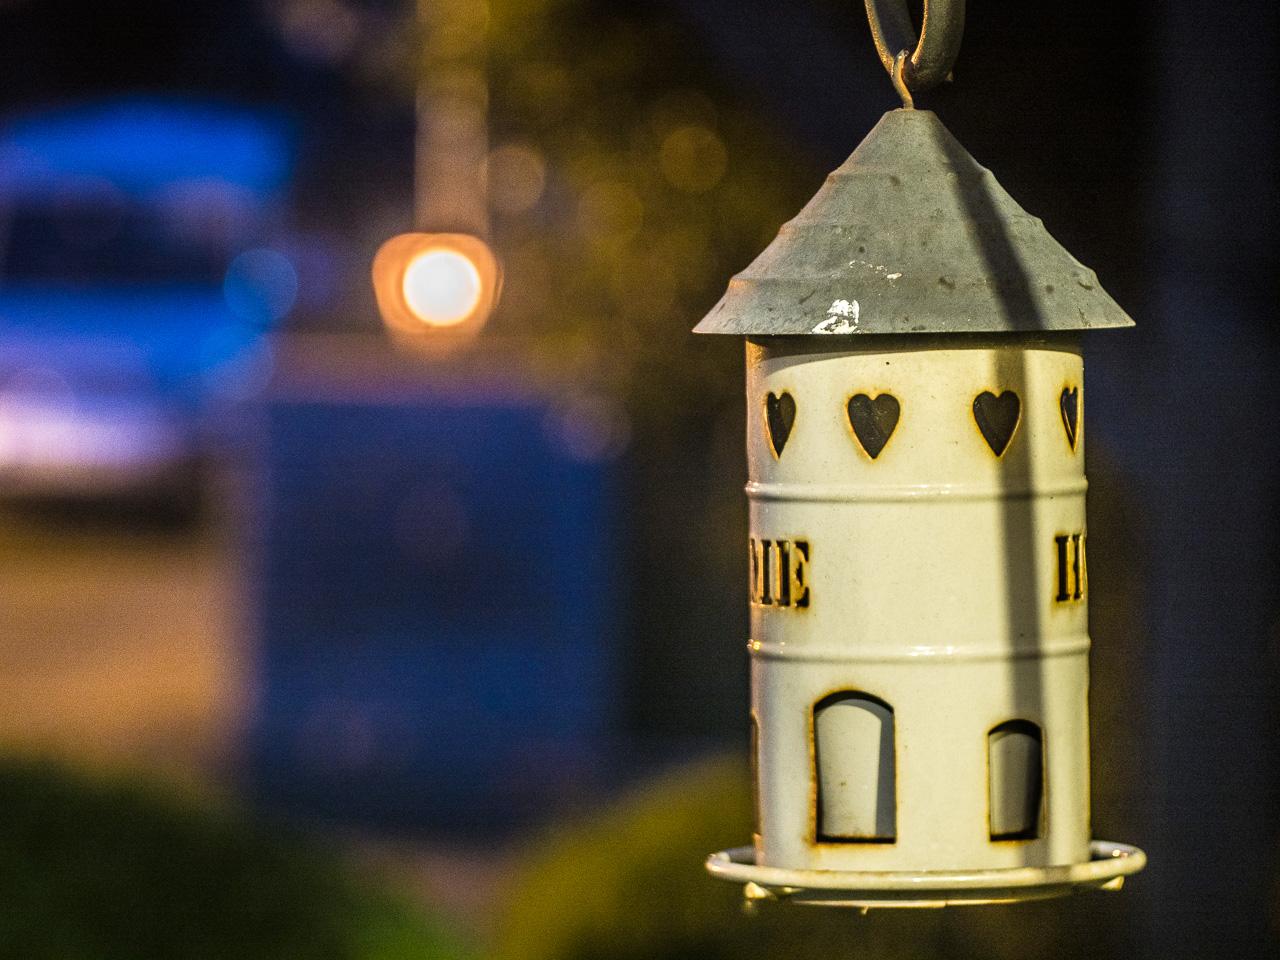 Vogelfutterhäuschen bei Nacht, Lichtkuller-Versuch mit einem adaptierten 4,5-10cm-Trioplan